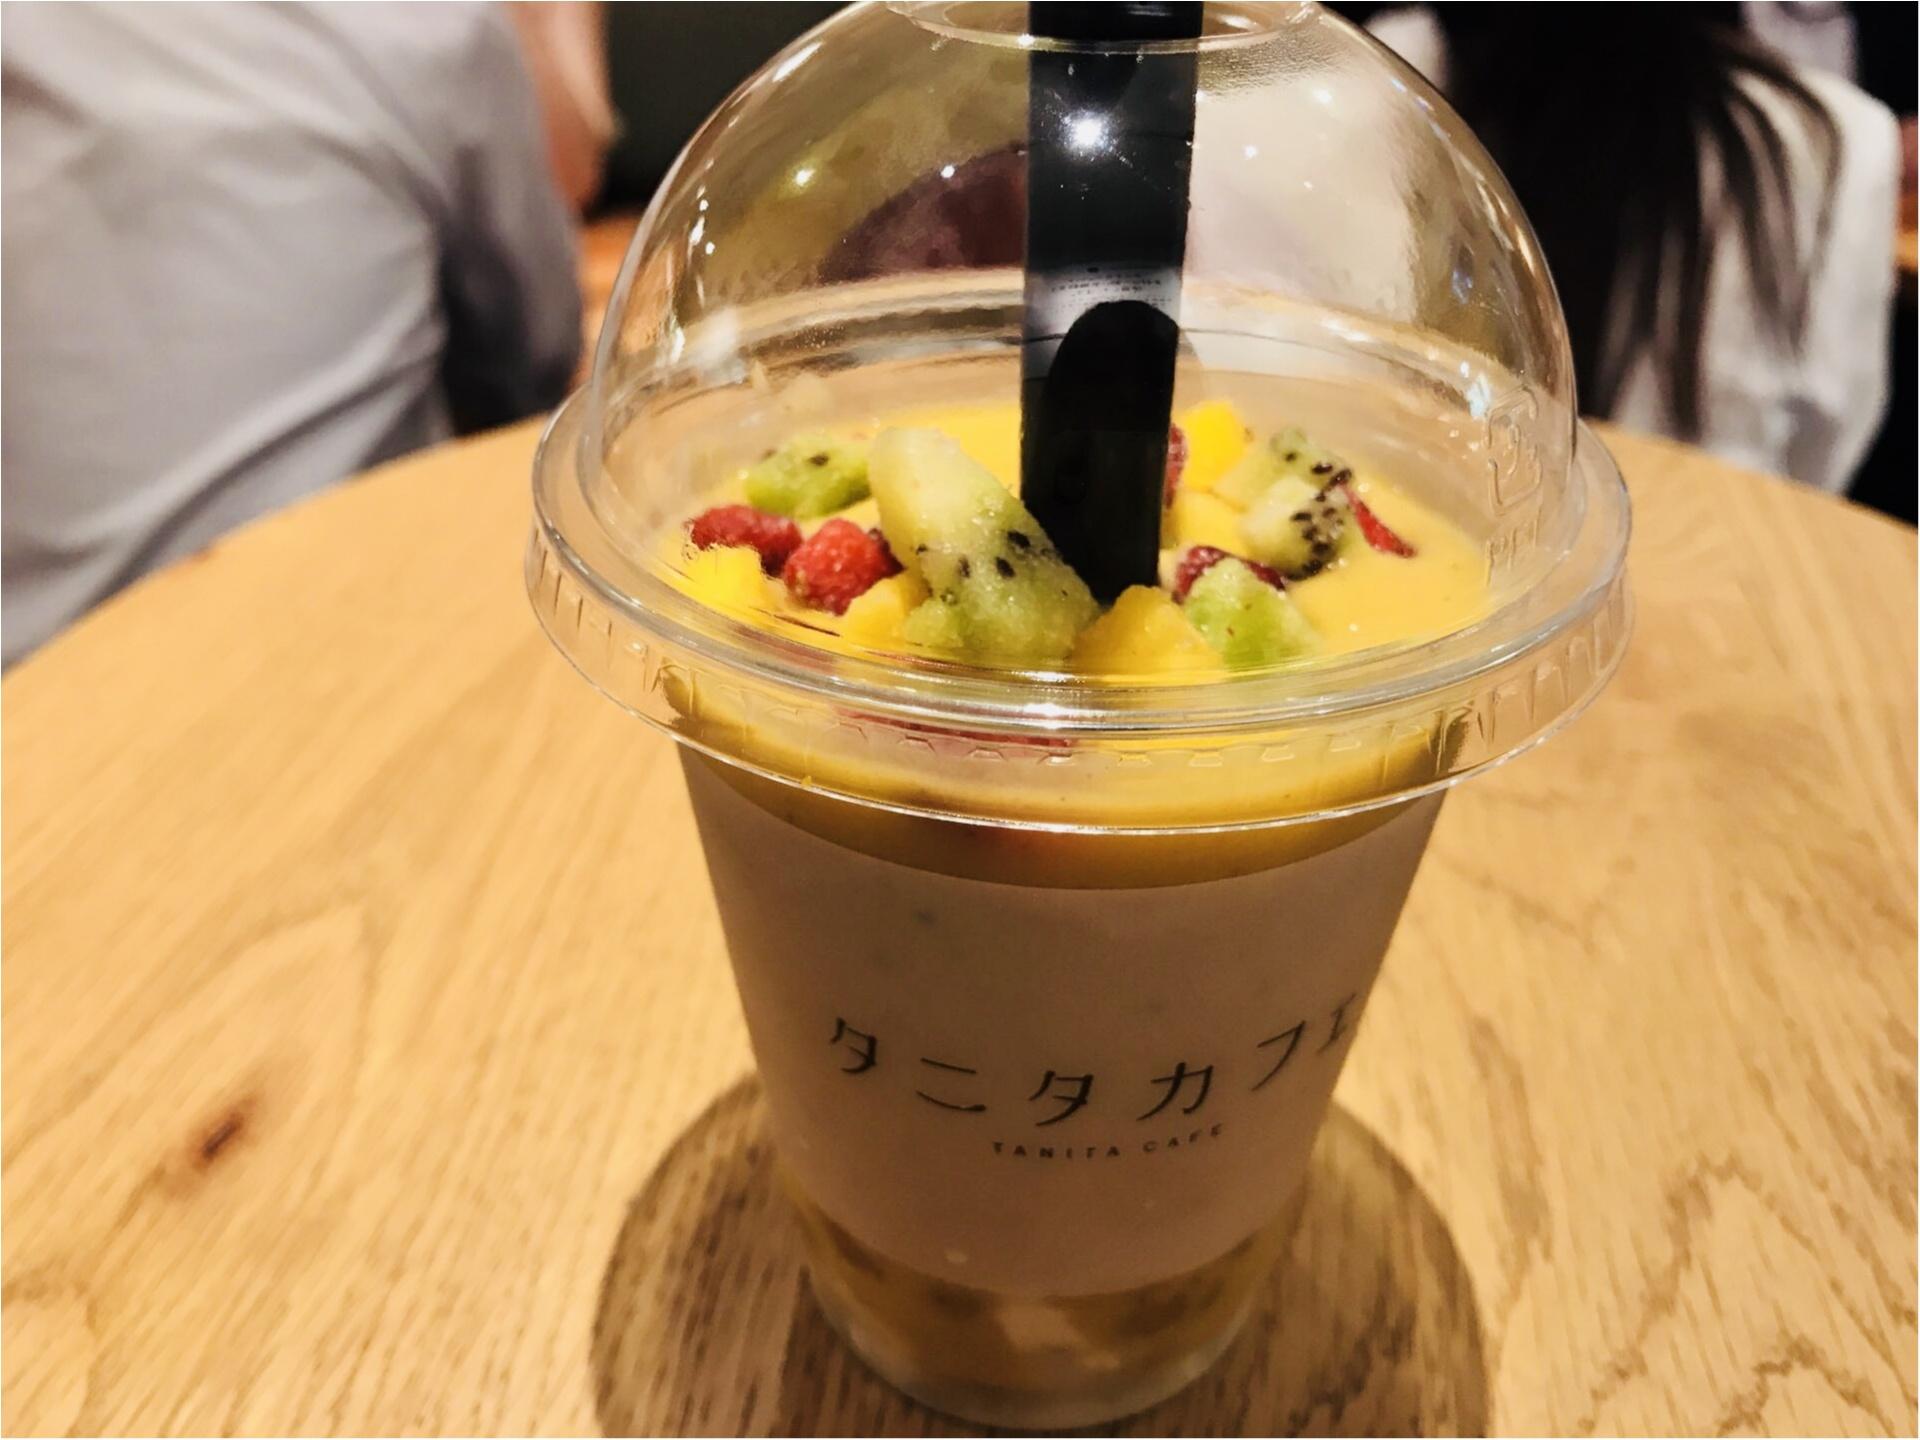 """【タニタカフェ】ダイエットの強い味方!""""噛む""""スムージー《カムージー》って?_2"""